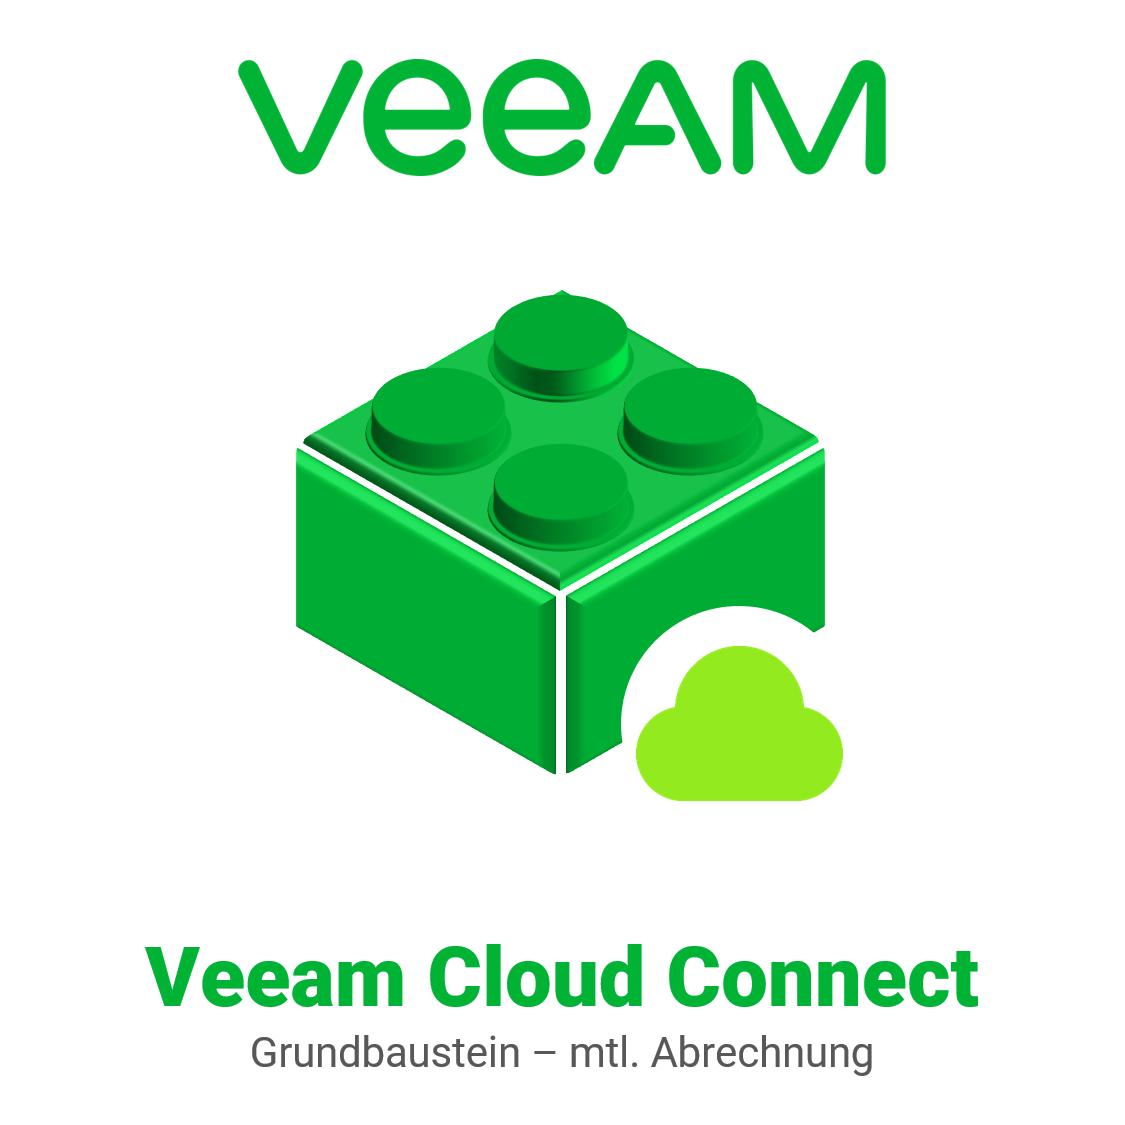 Veeam Cloud Connect - Grundbaustein